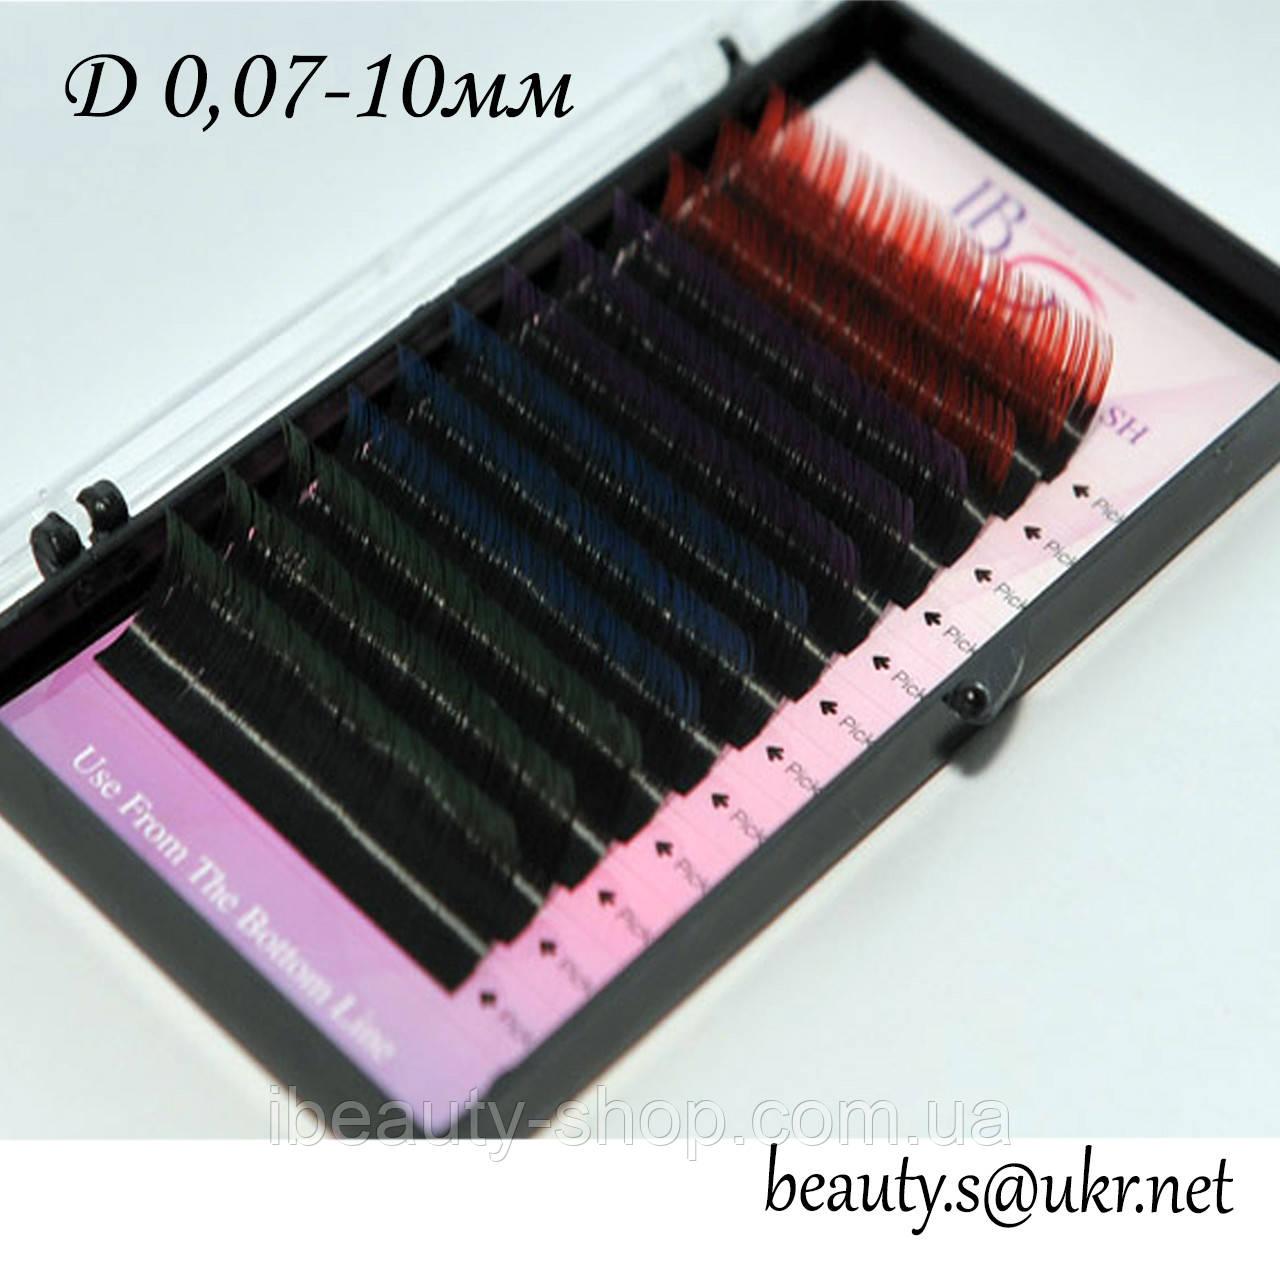 Ресницы I-Beauty, Д 0,07-10мм,цветные концы,4 цвета